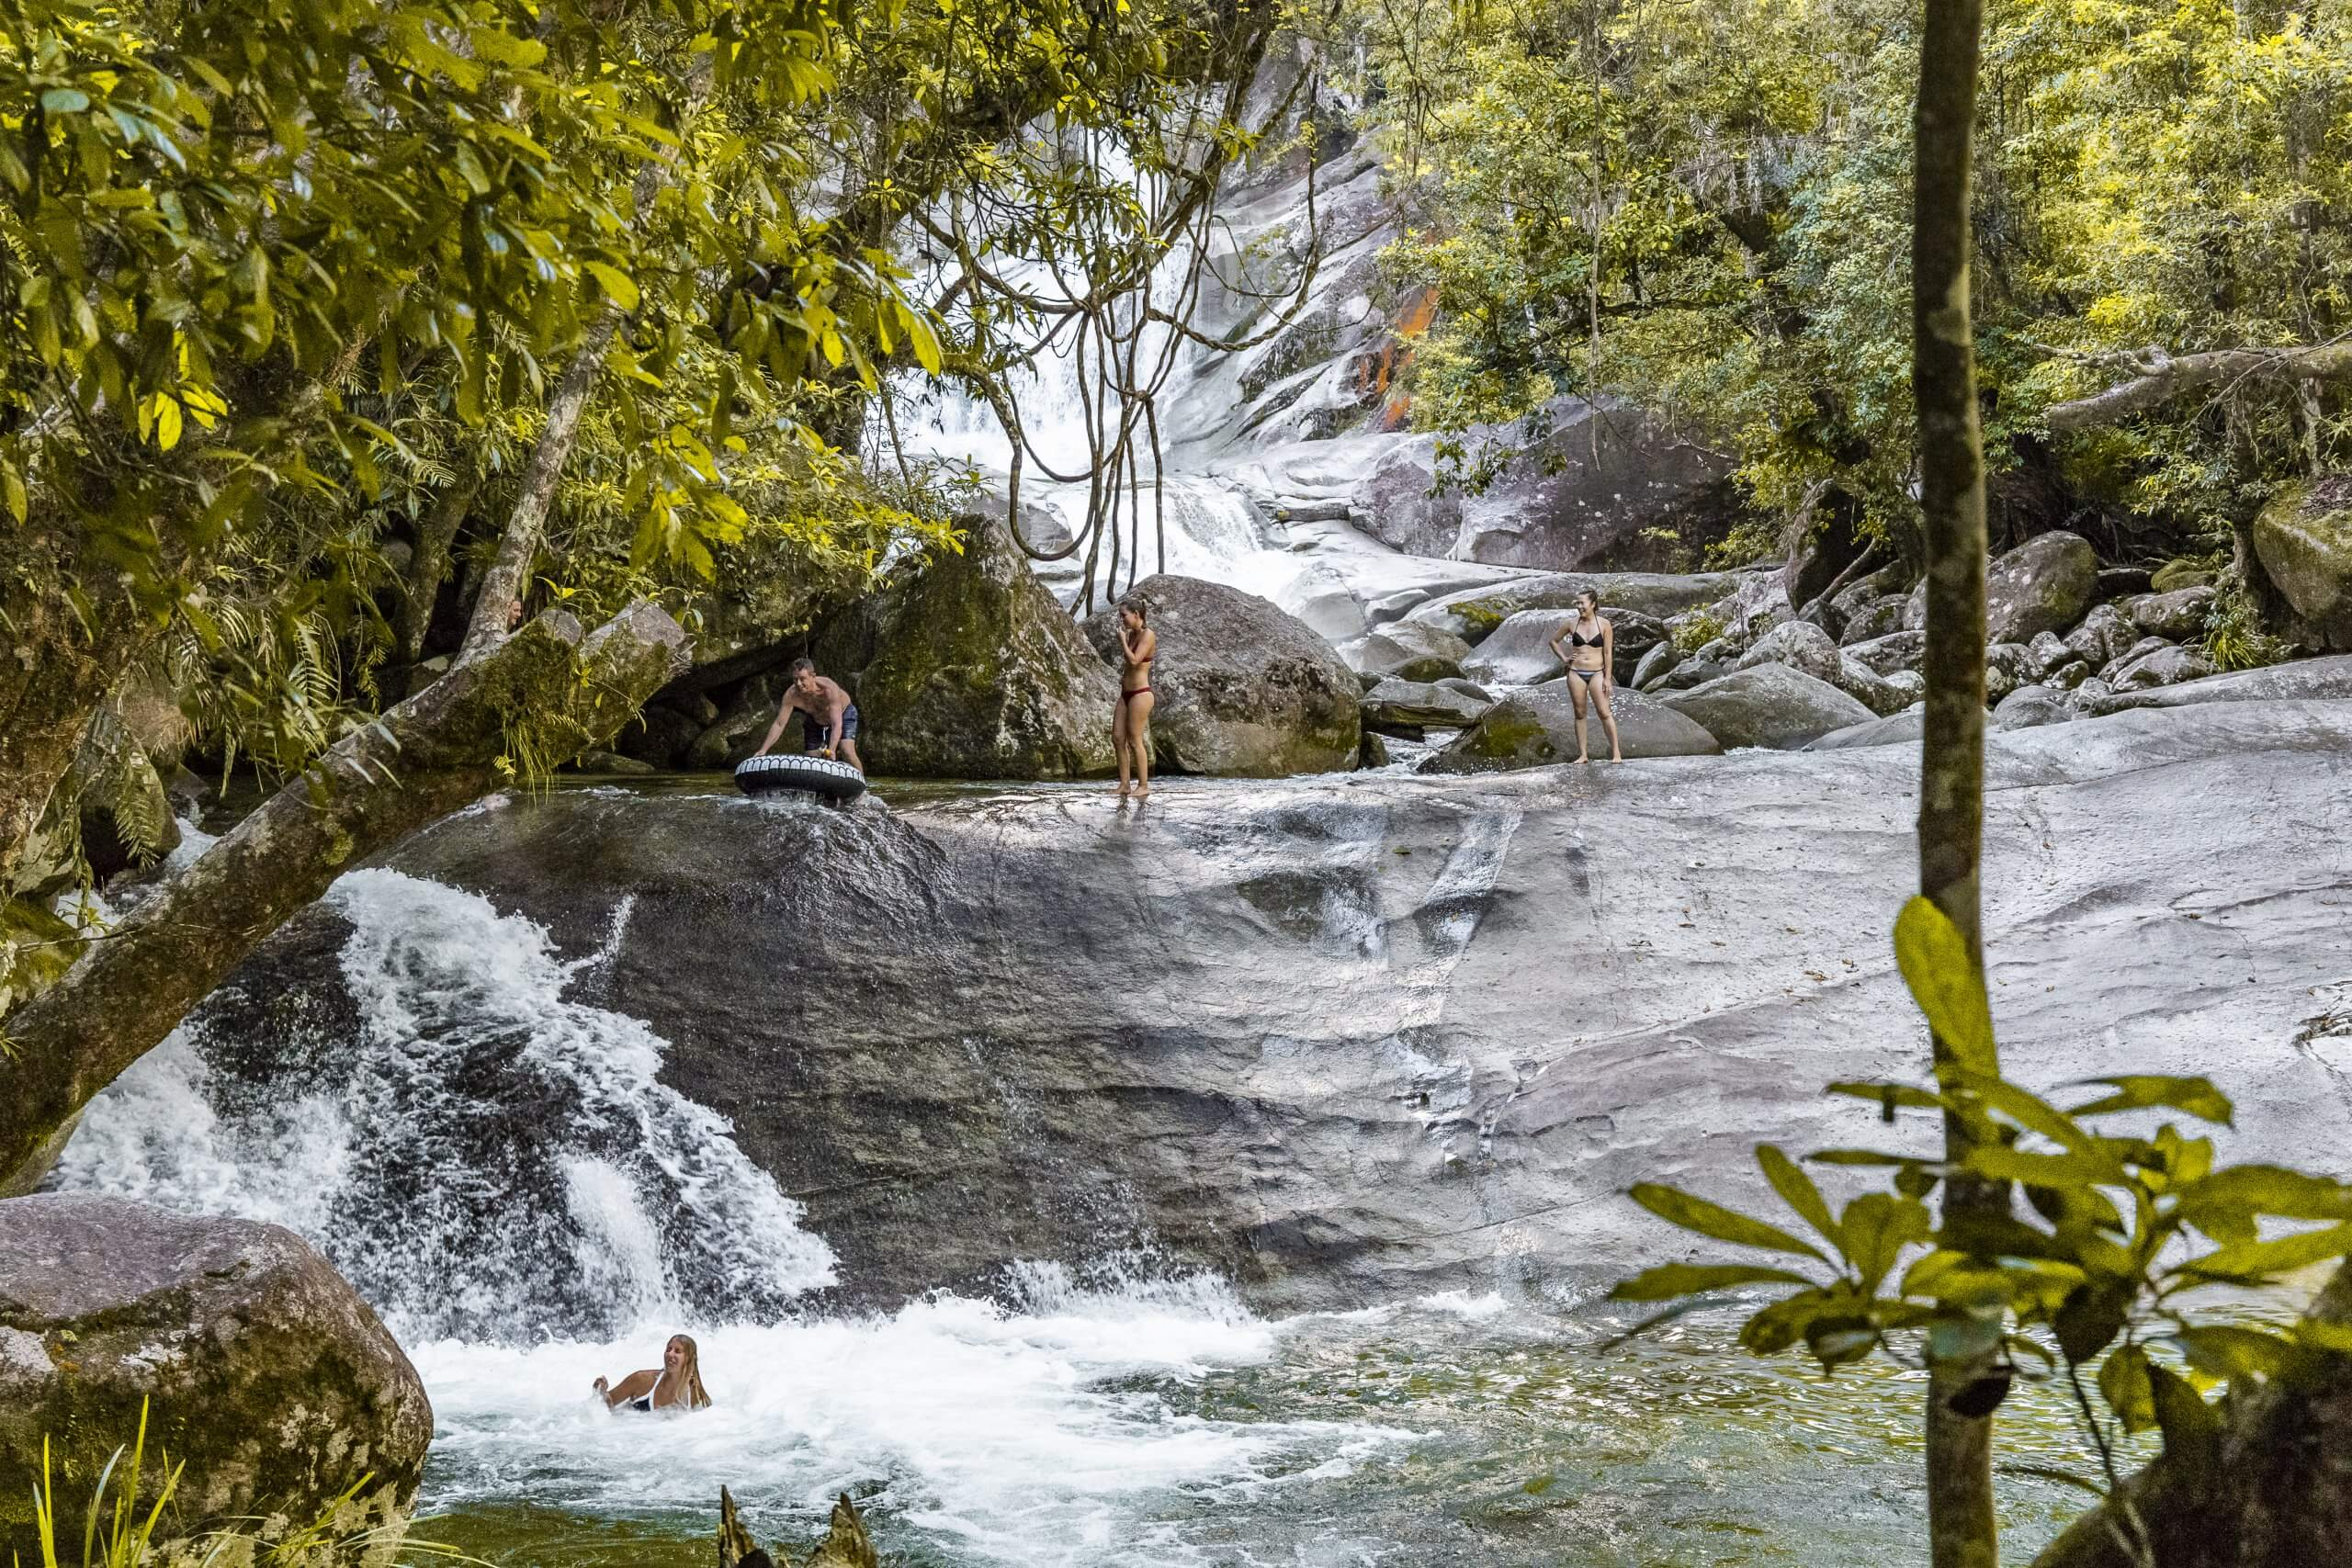 die natürliche Wasserrutsche der Josephine Falls